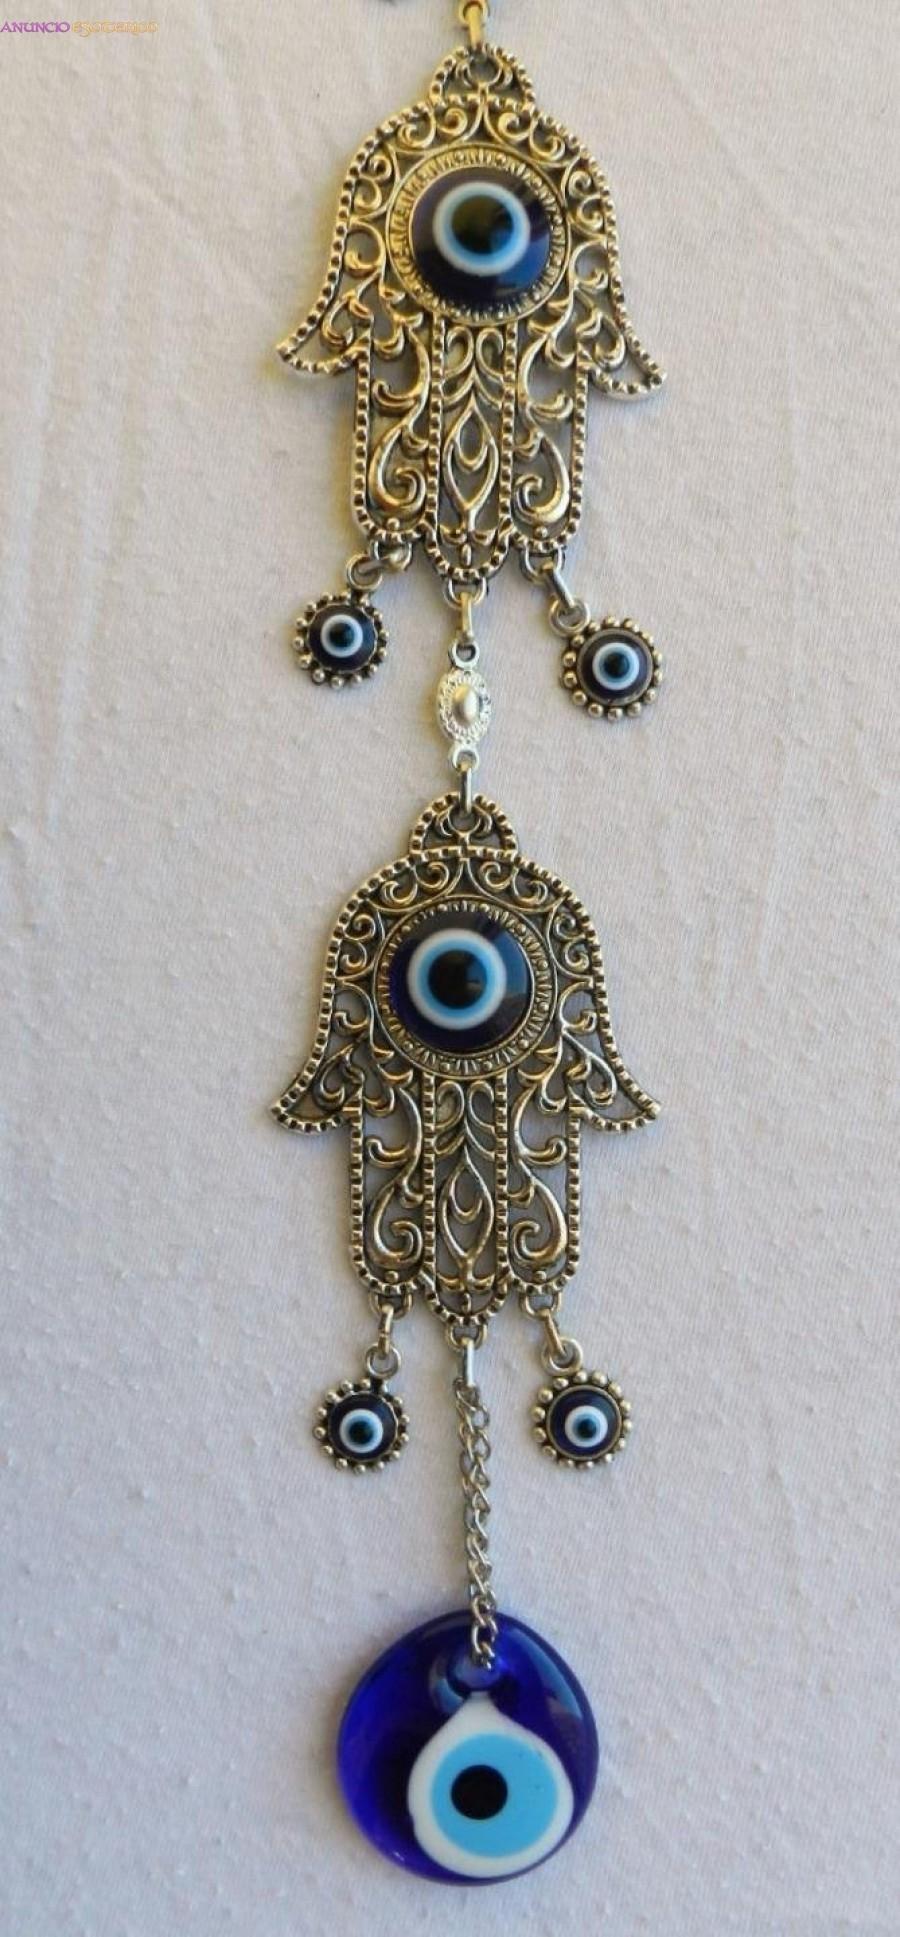 46bb2f6e2cc7 Colgante pared amuleto ojo turco y mano de fátima en Madrid